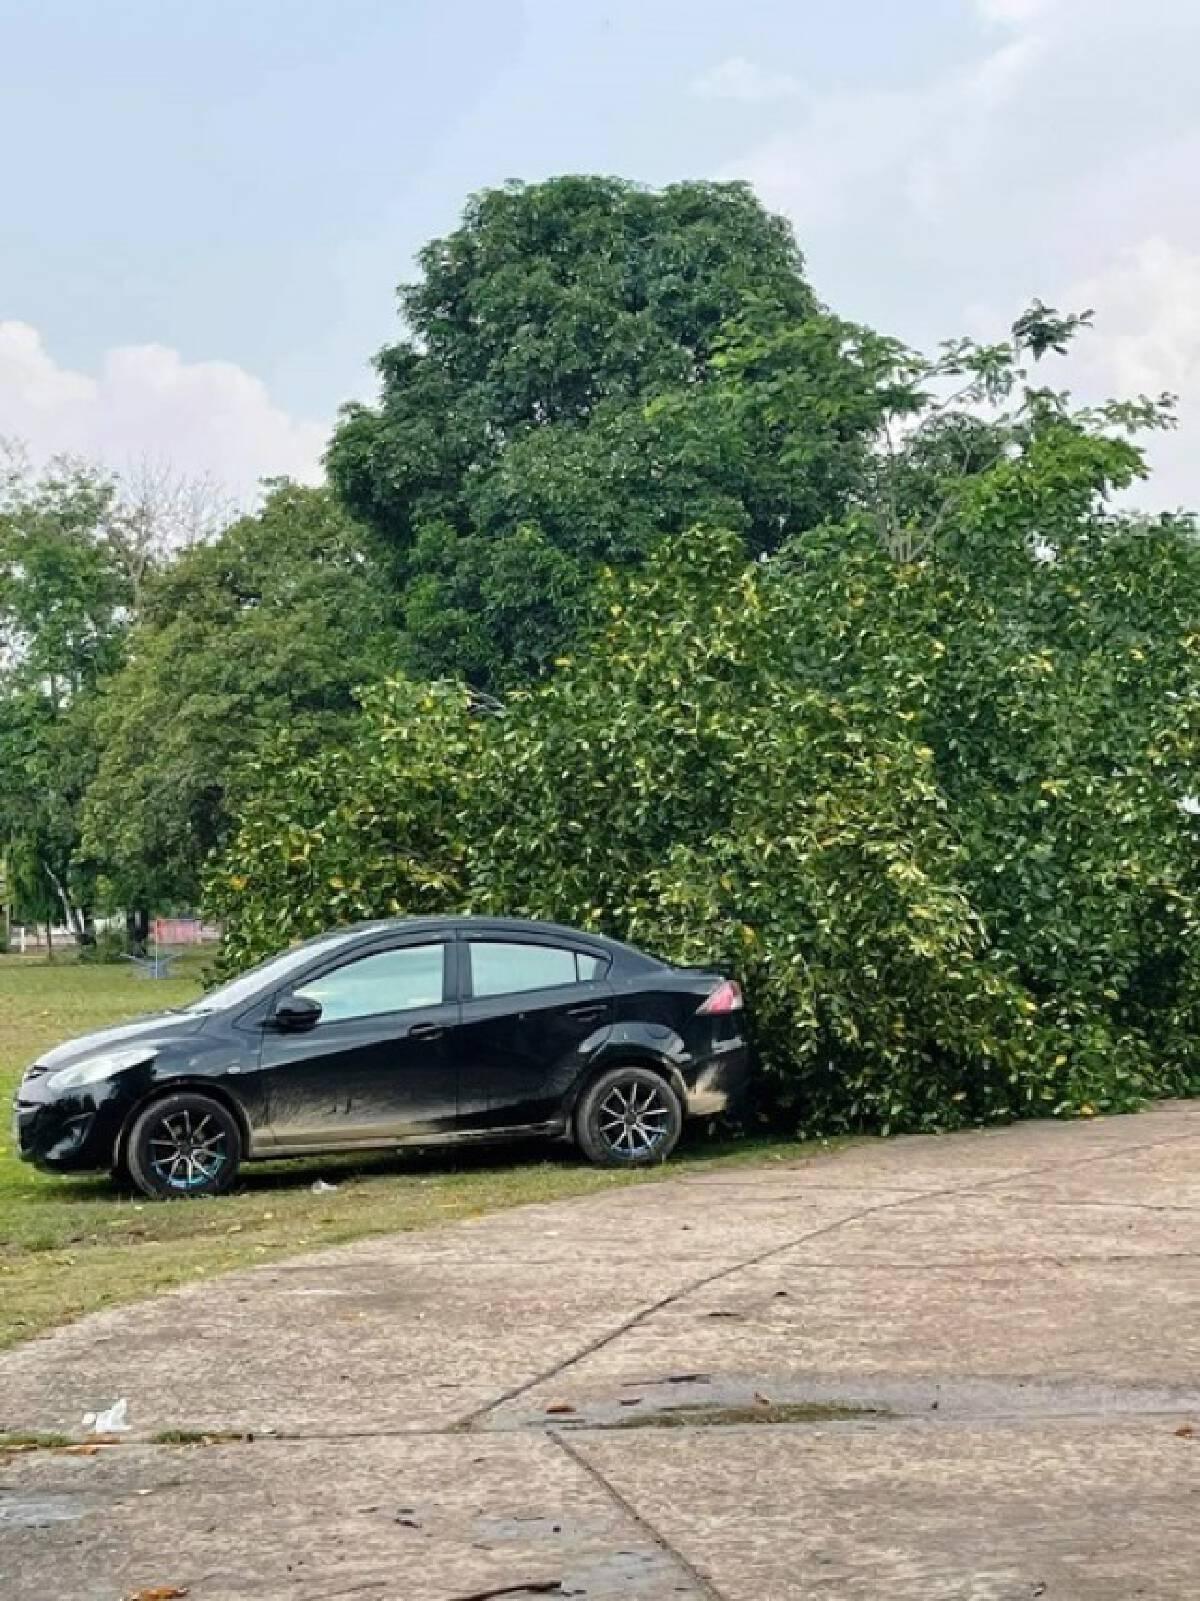 พายุฤดูร้อนถล่มนครพนม บ้านกว่า 20 หลังพังเสียหาย